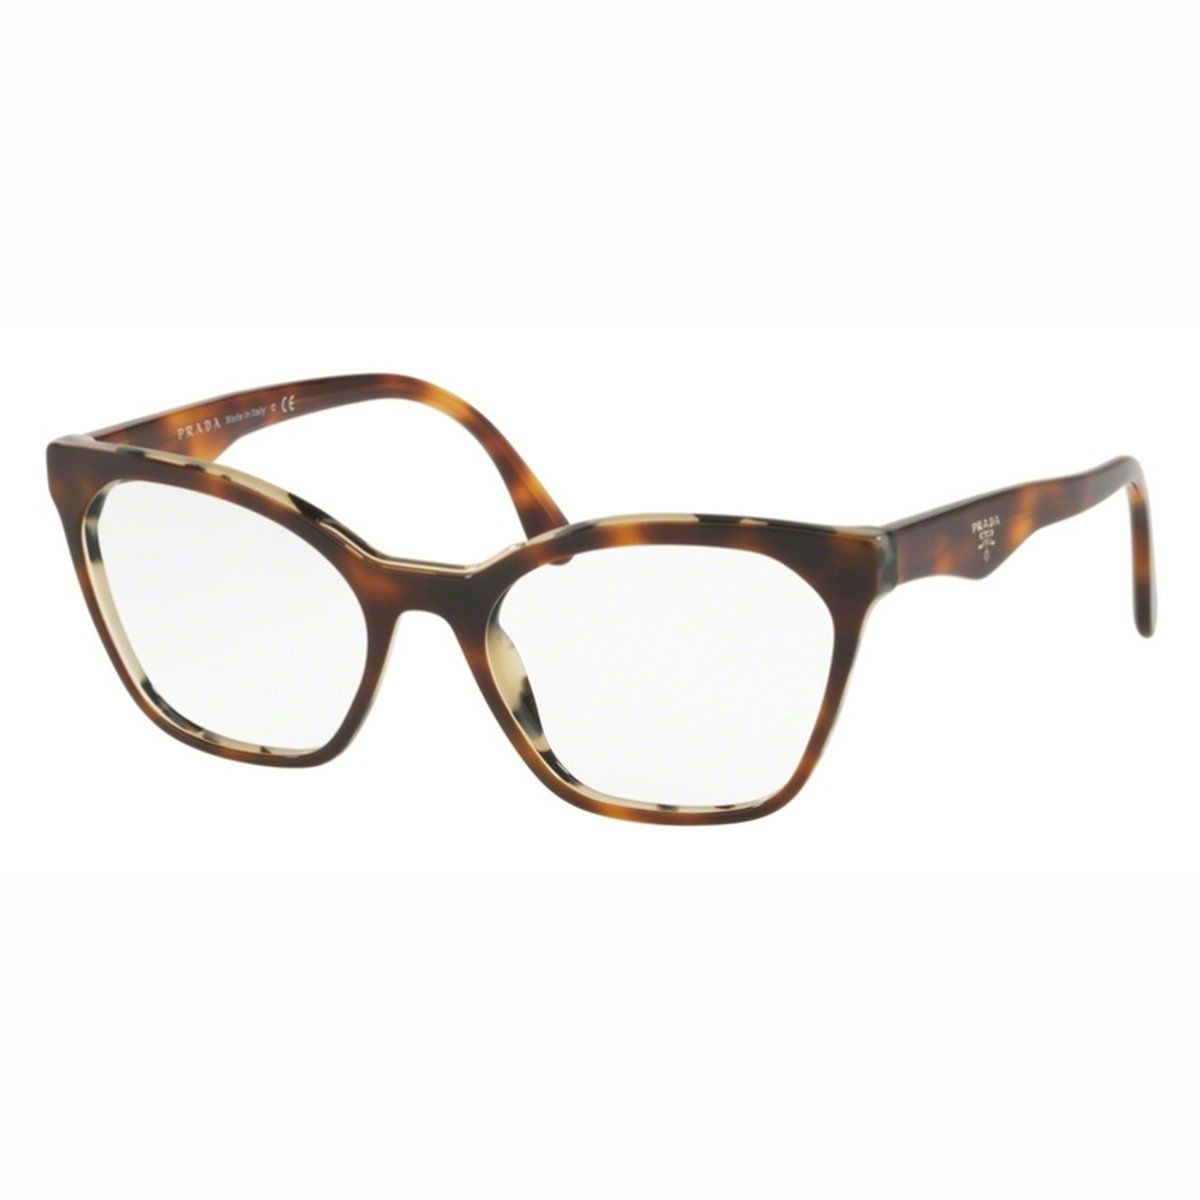 Armação Óculos De Grau Feminino Prada Vpr09u Th8-101 - R  879,00 em ... 862f86c9aa